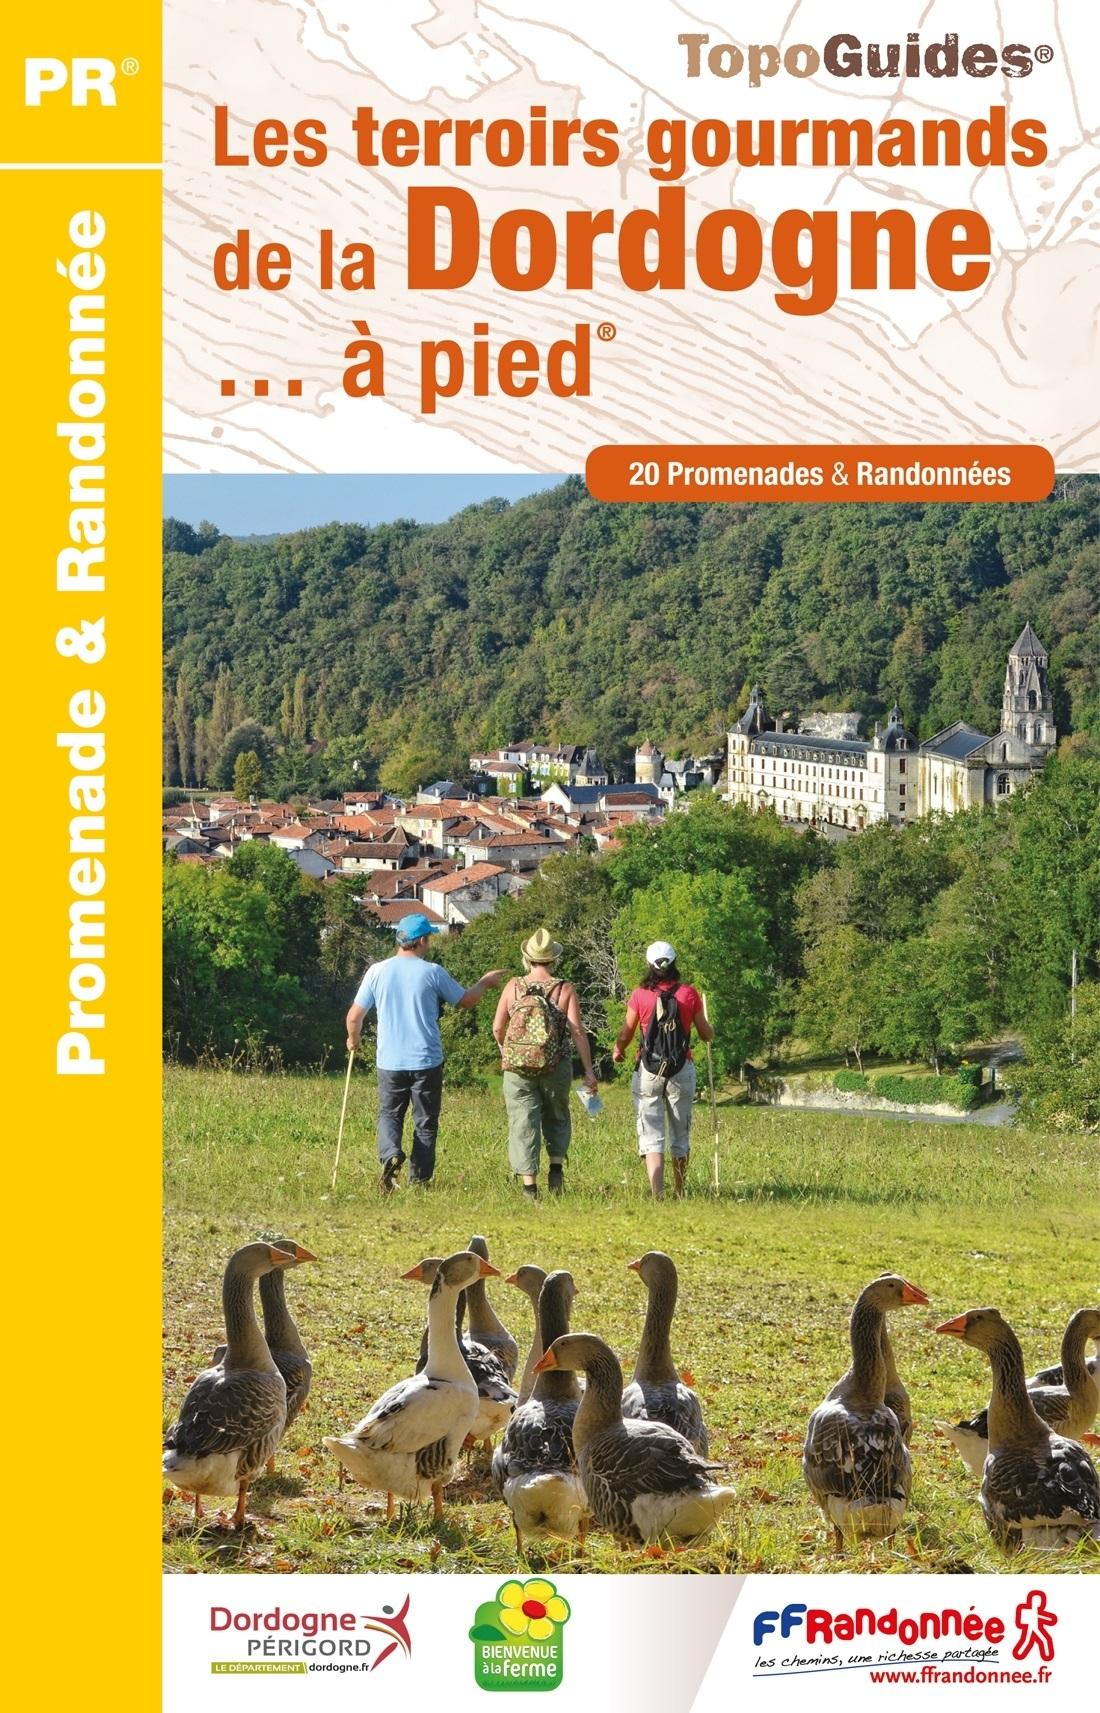 D241  Les terroirs gourmands de la Dordogne ...  à pied | wandelgids 9782751410130  FFRP Topoguides  Culinaire reisgidsen, Wandelgidsen Dordogne